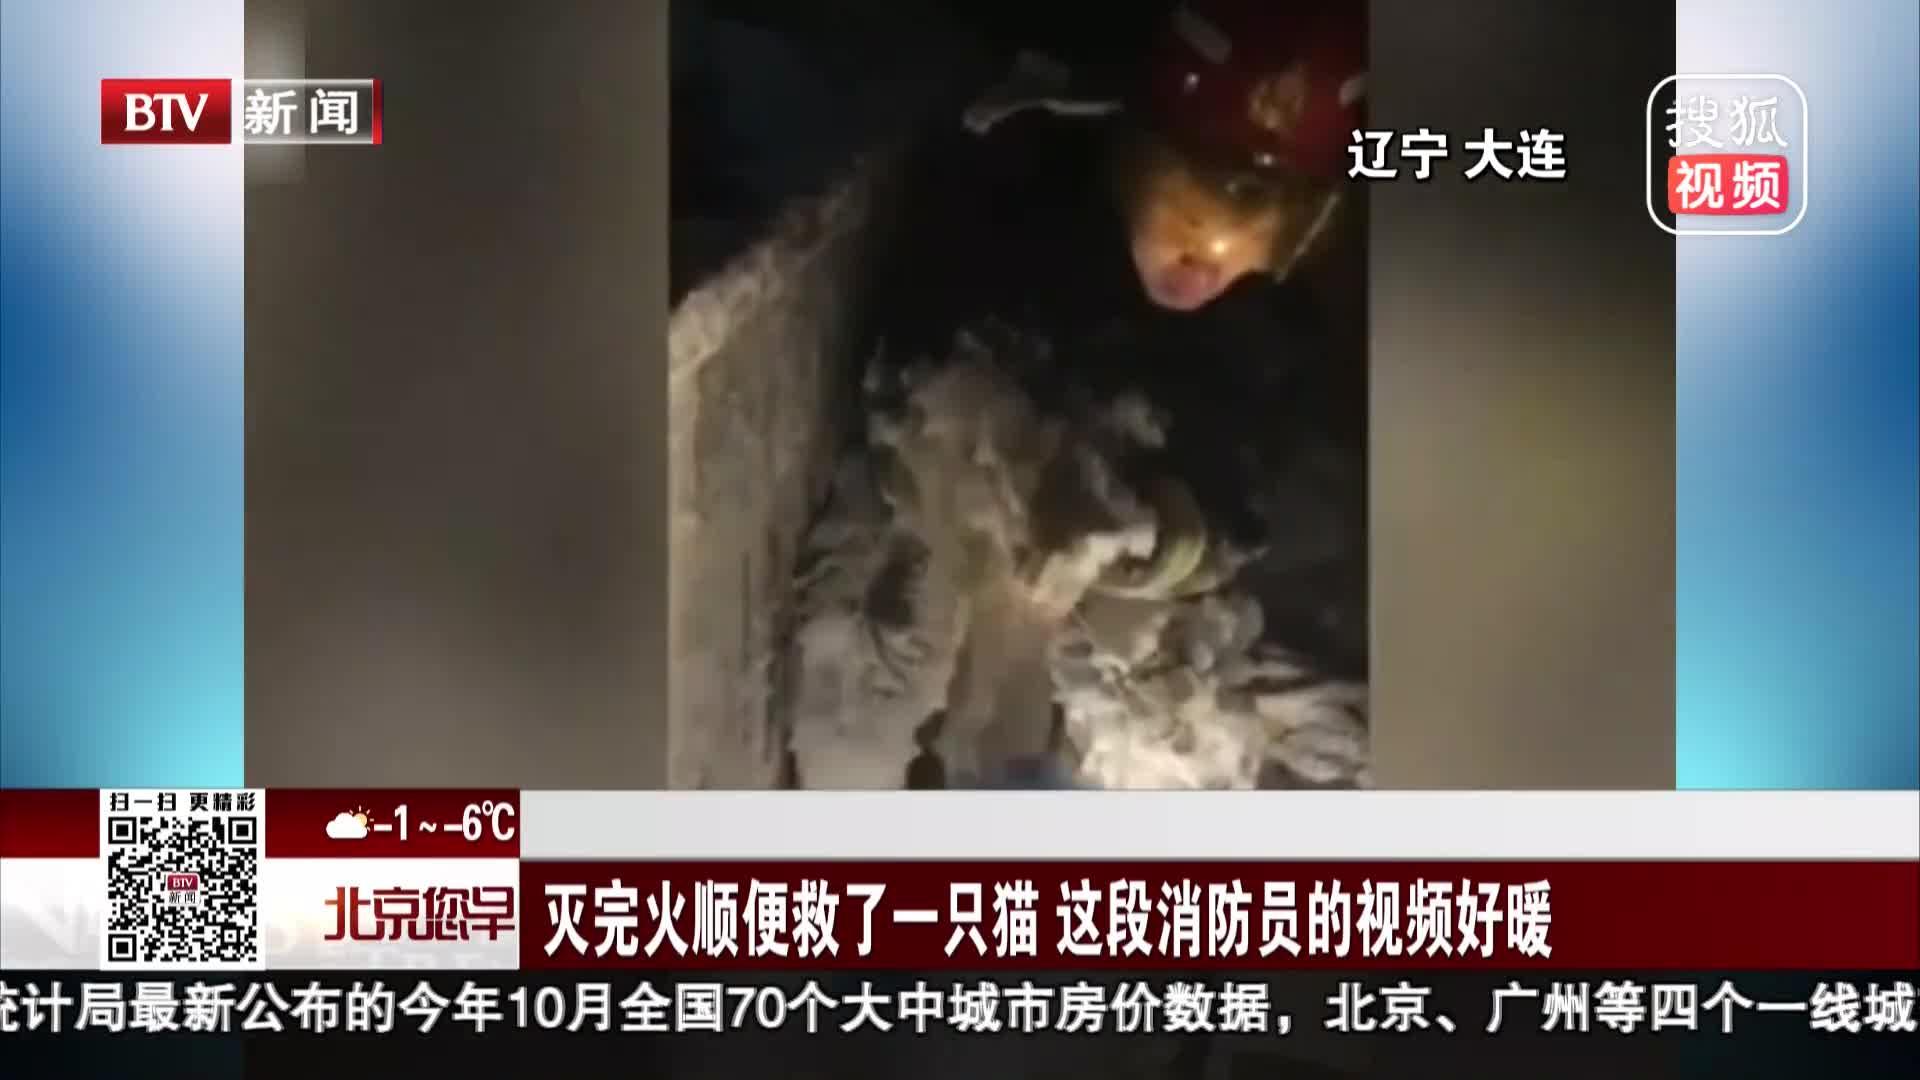 [视频]消防员灭火后全身挂起冰棱 顺手解救小猫全程安慰